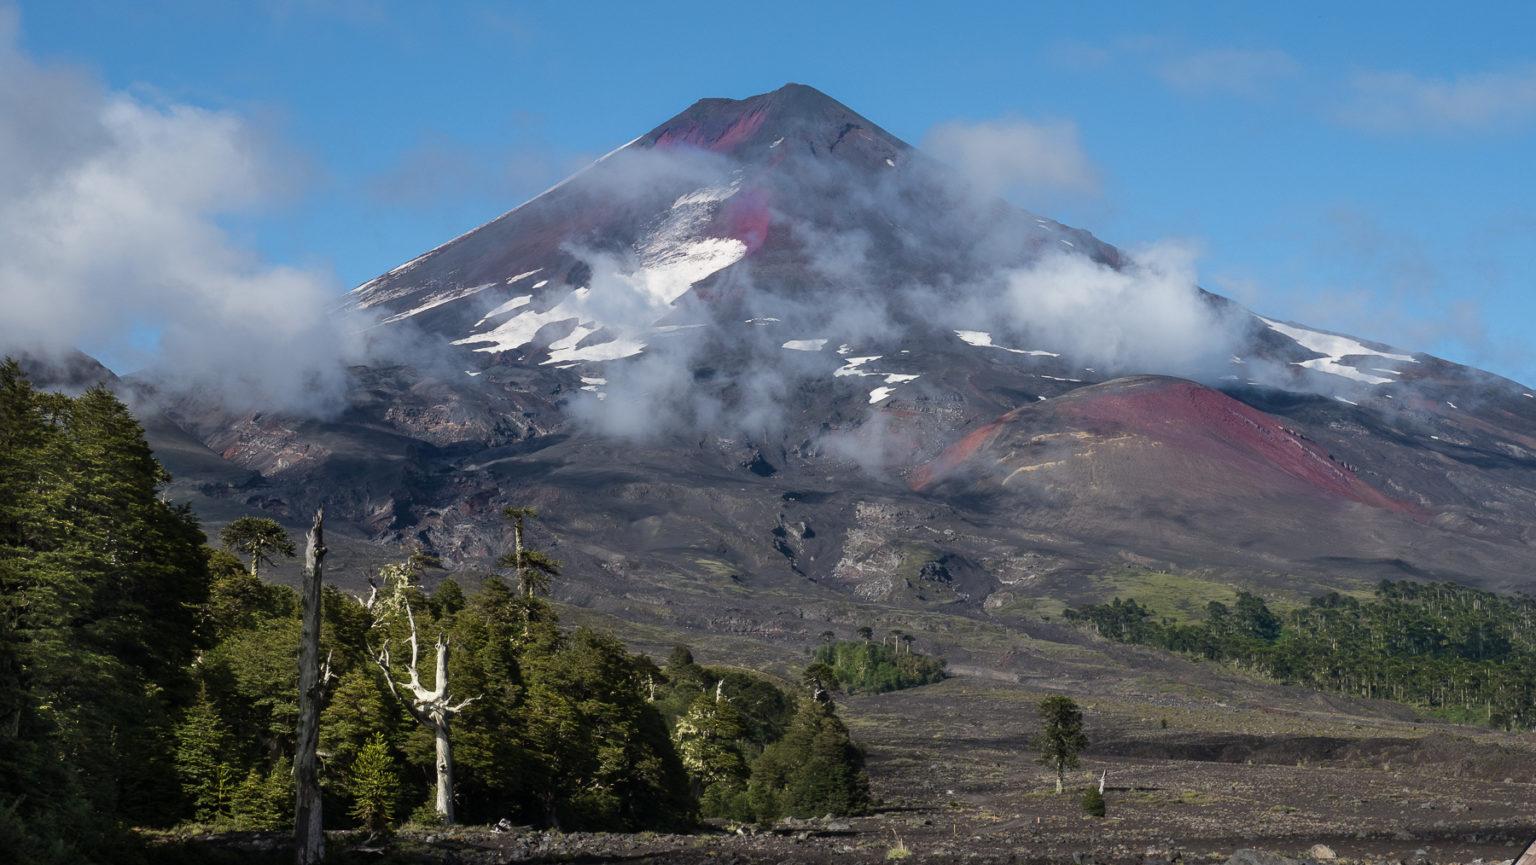 Der Vulkan von der anderen Seite mit seinen roten Lavafeldern